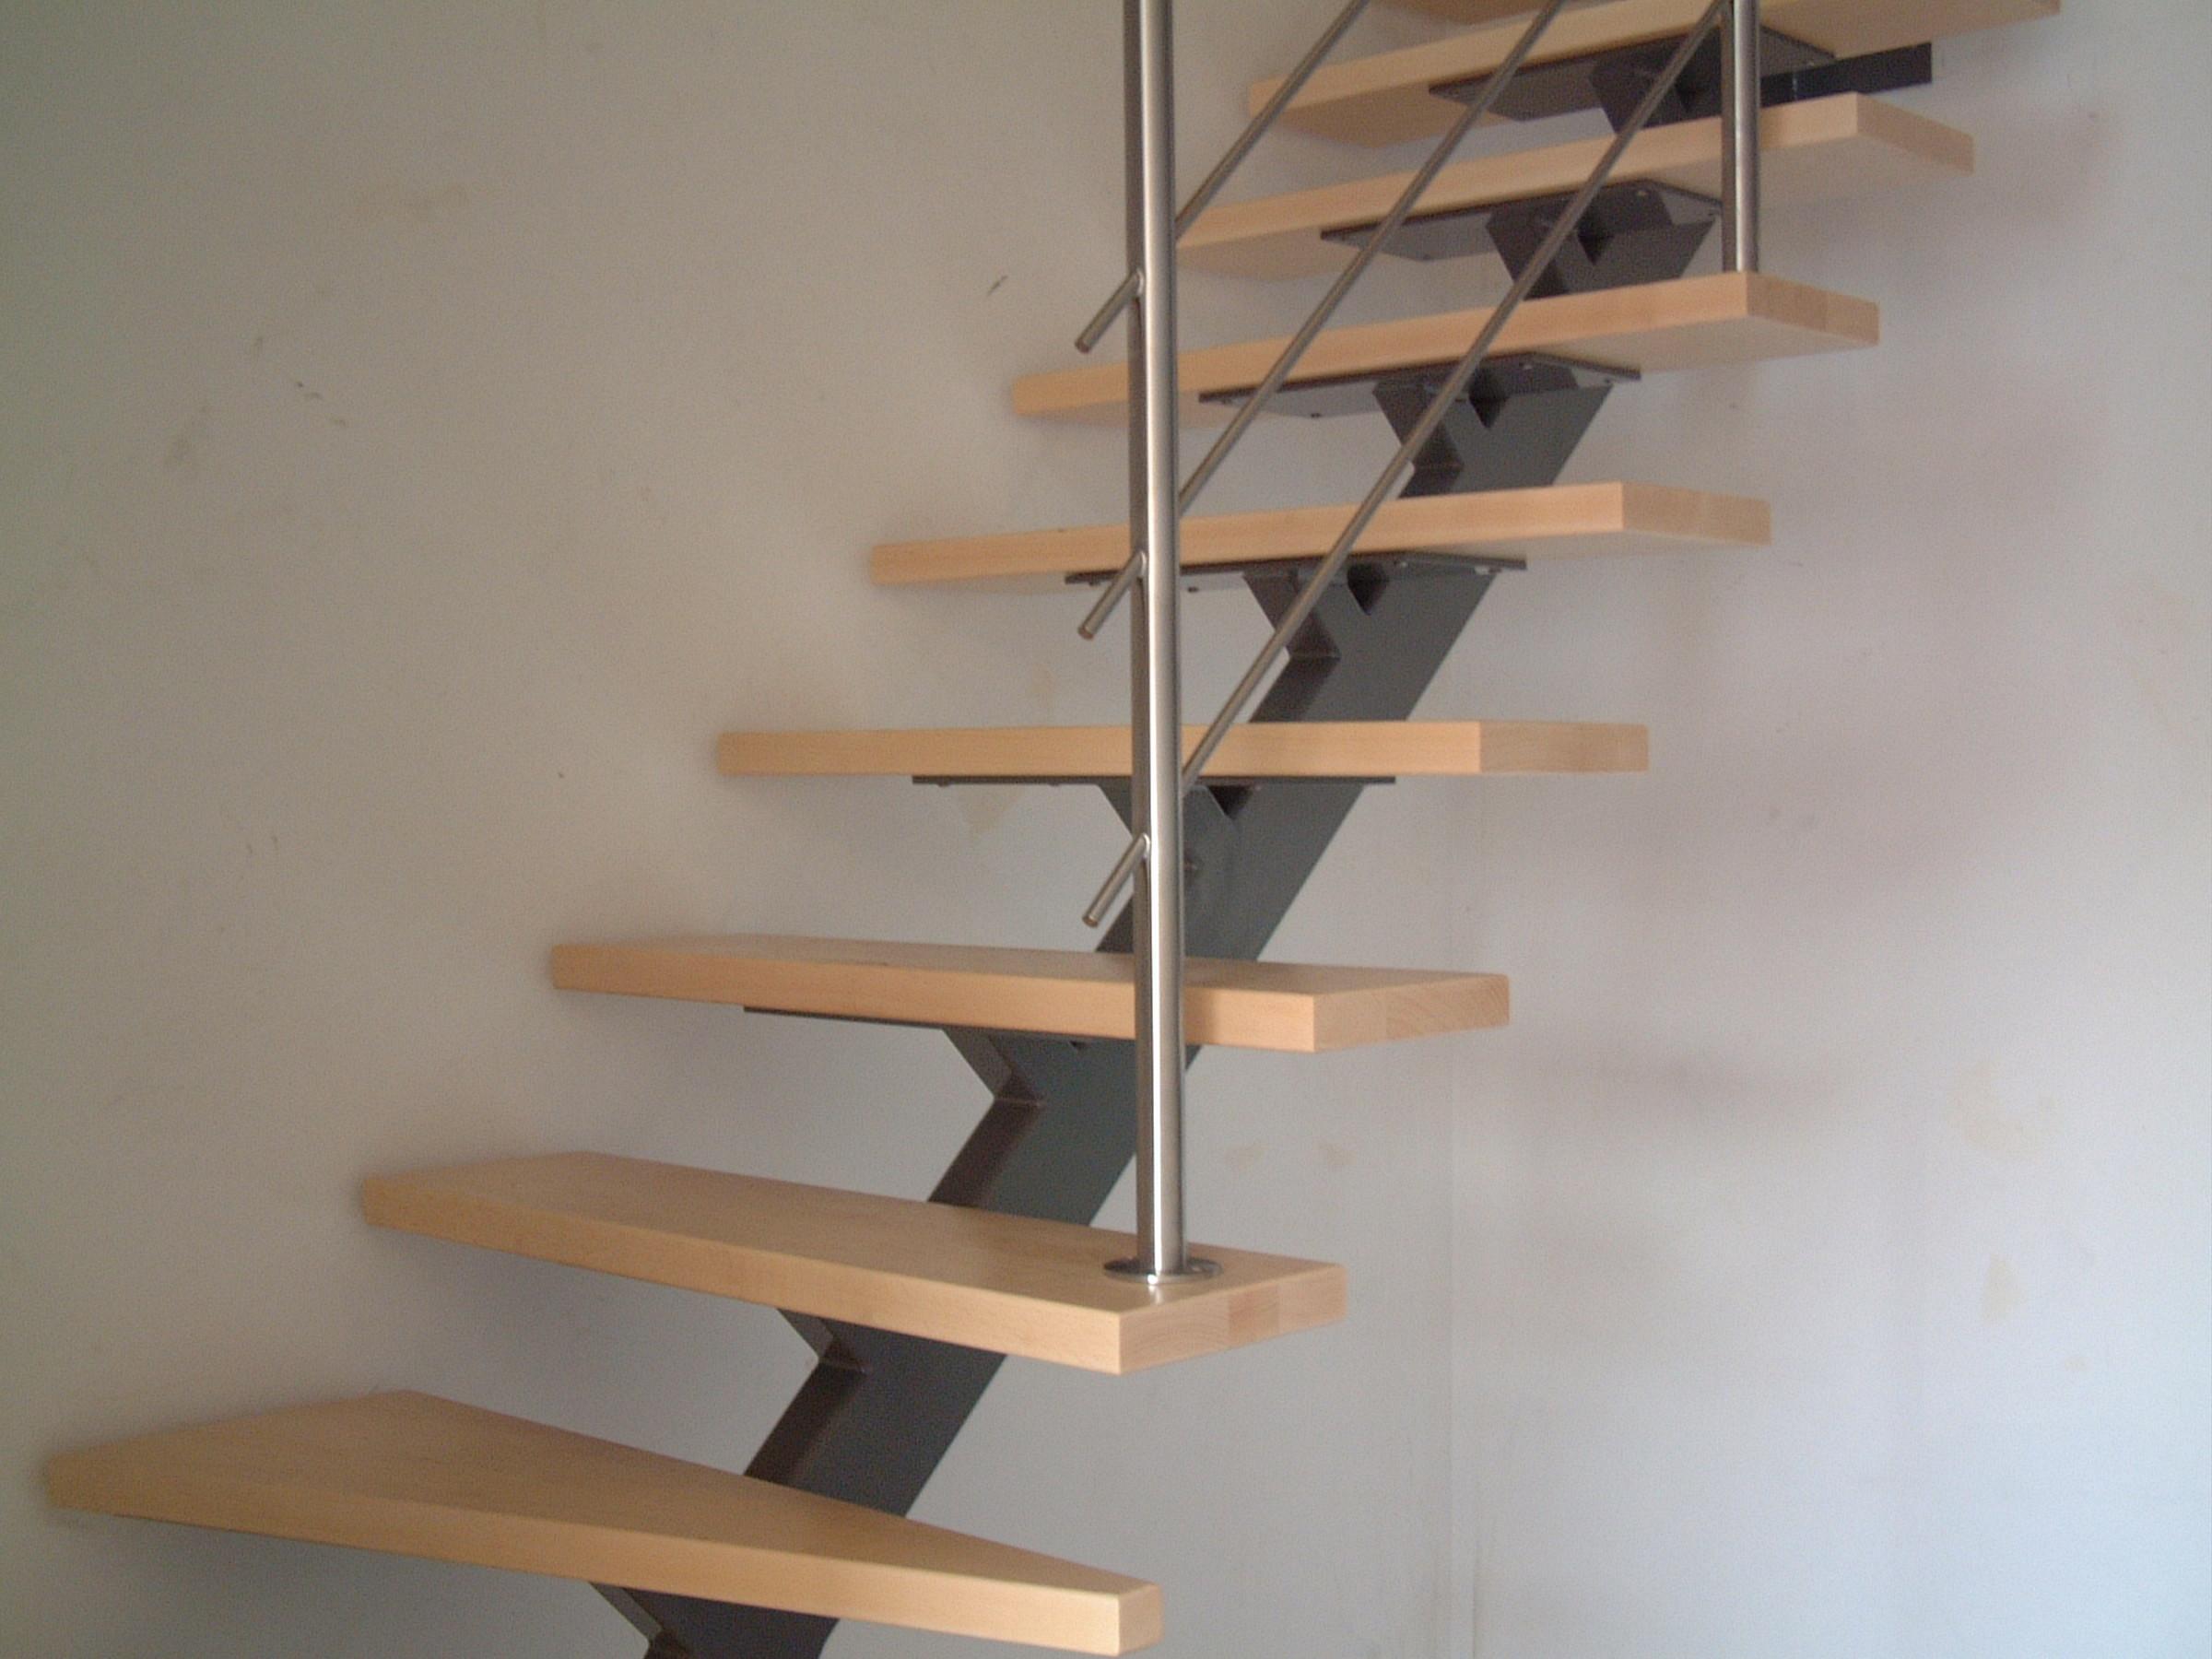 Beste huis decoratie » stalen trap met houten treden huis decoratie